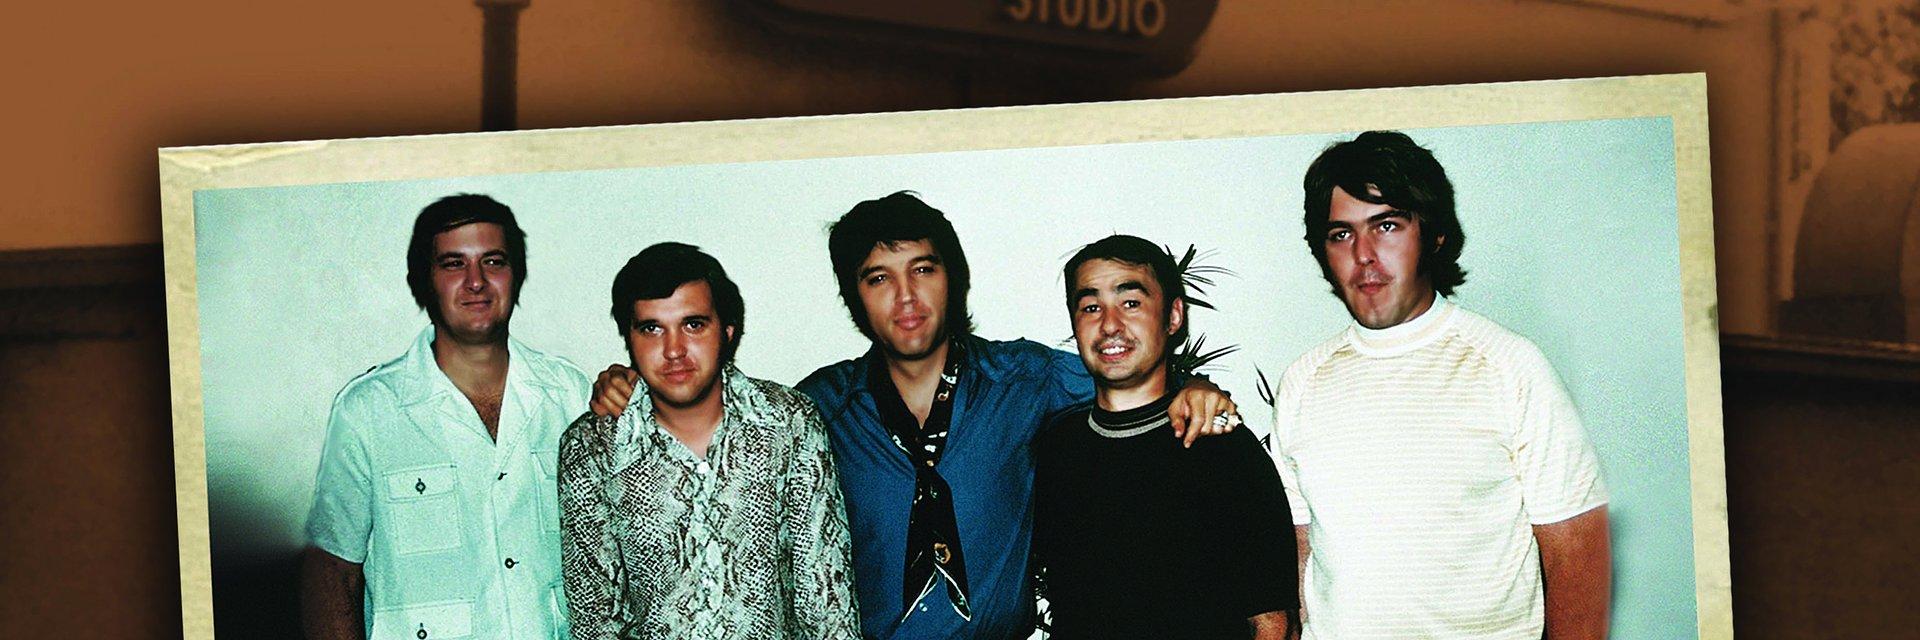 Celebrujemy 50tą rocznicę legendarnych sesji Elvisa Presleya!